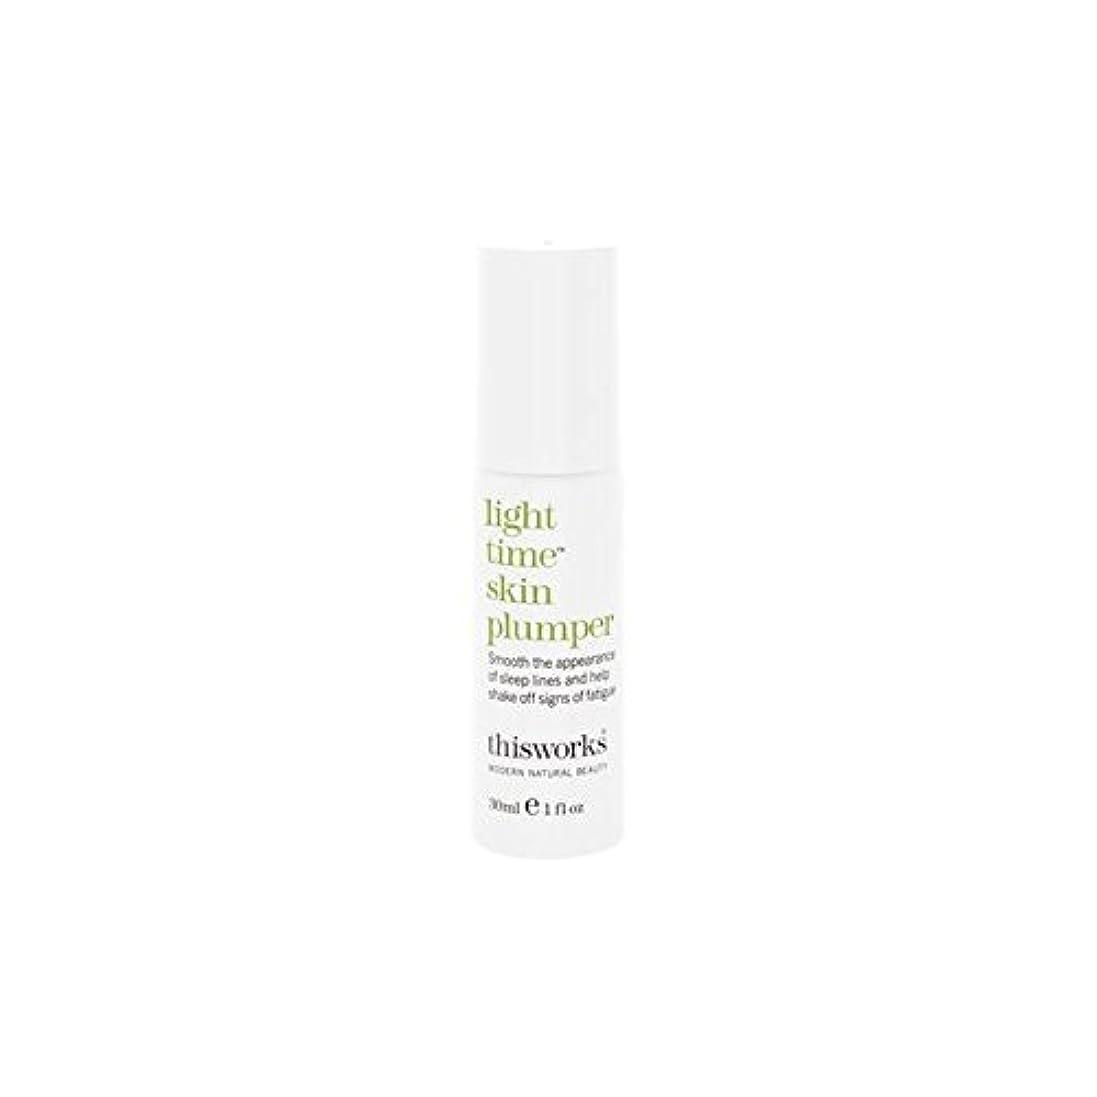 あいまい猛烈な話すThis Works Light Time Skin Plumper 30ml - これは、光時間皮膚プランパー30ミリリットルの作品 [並行輸入品]